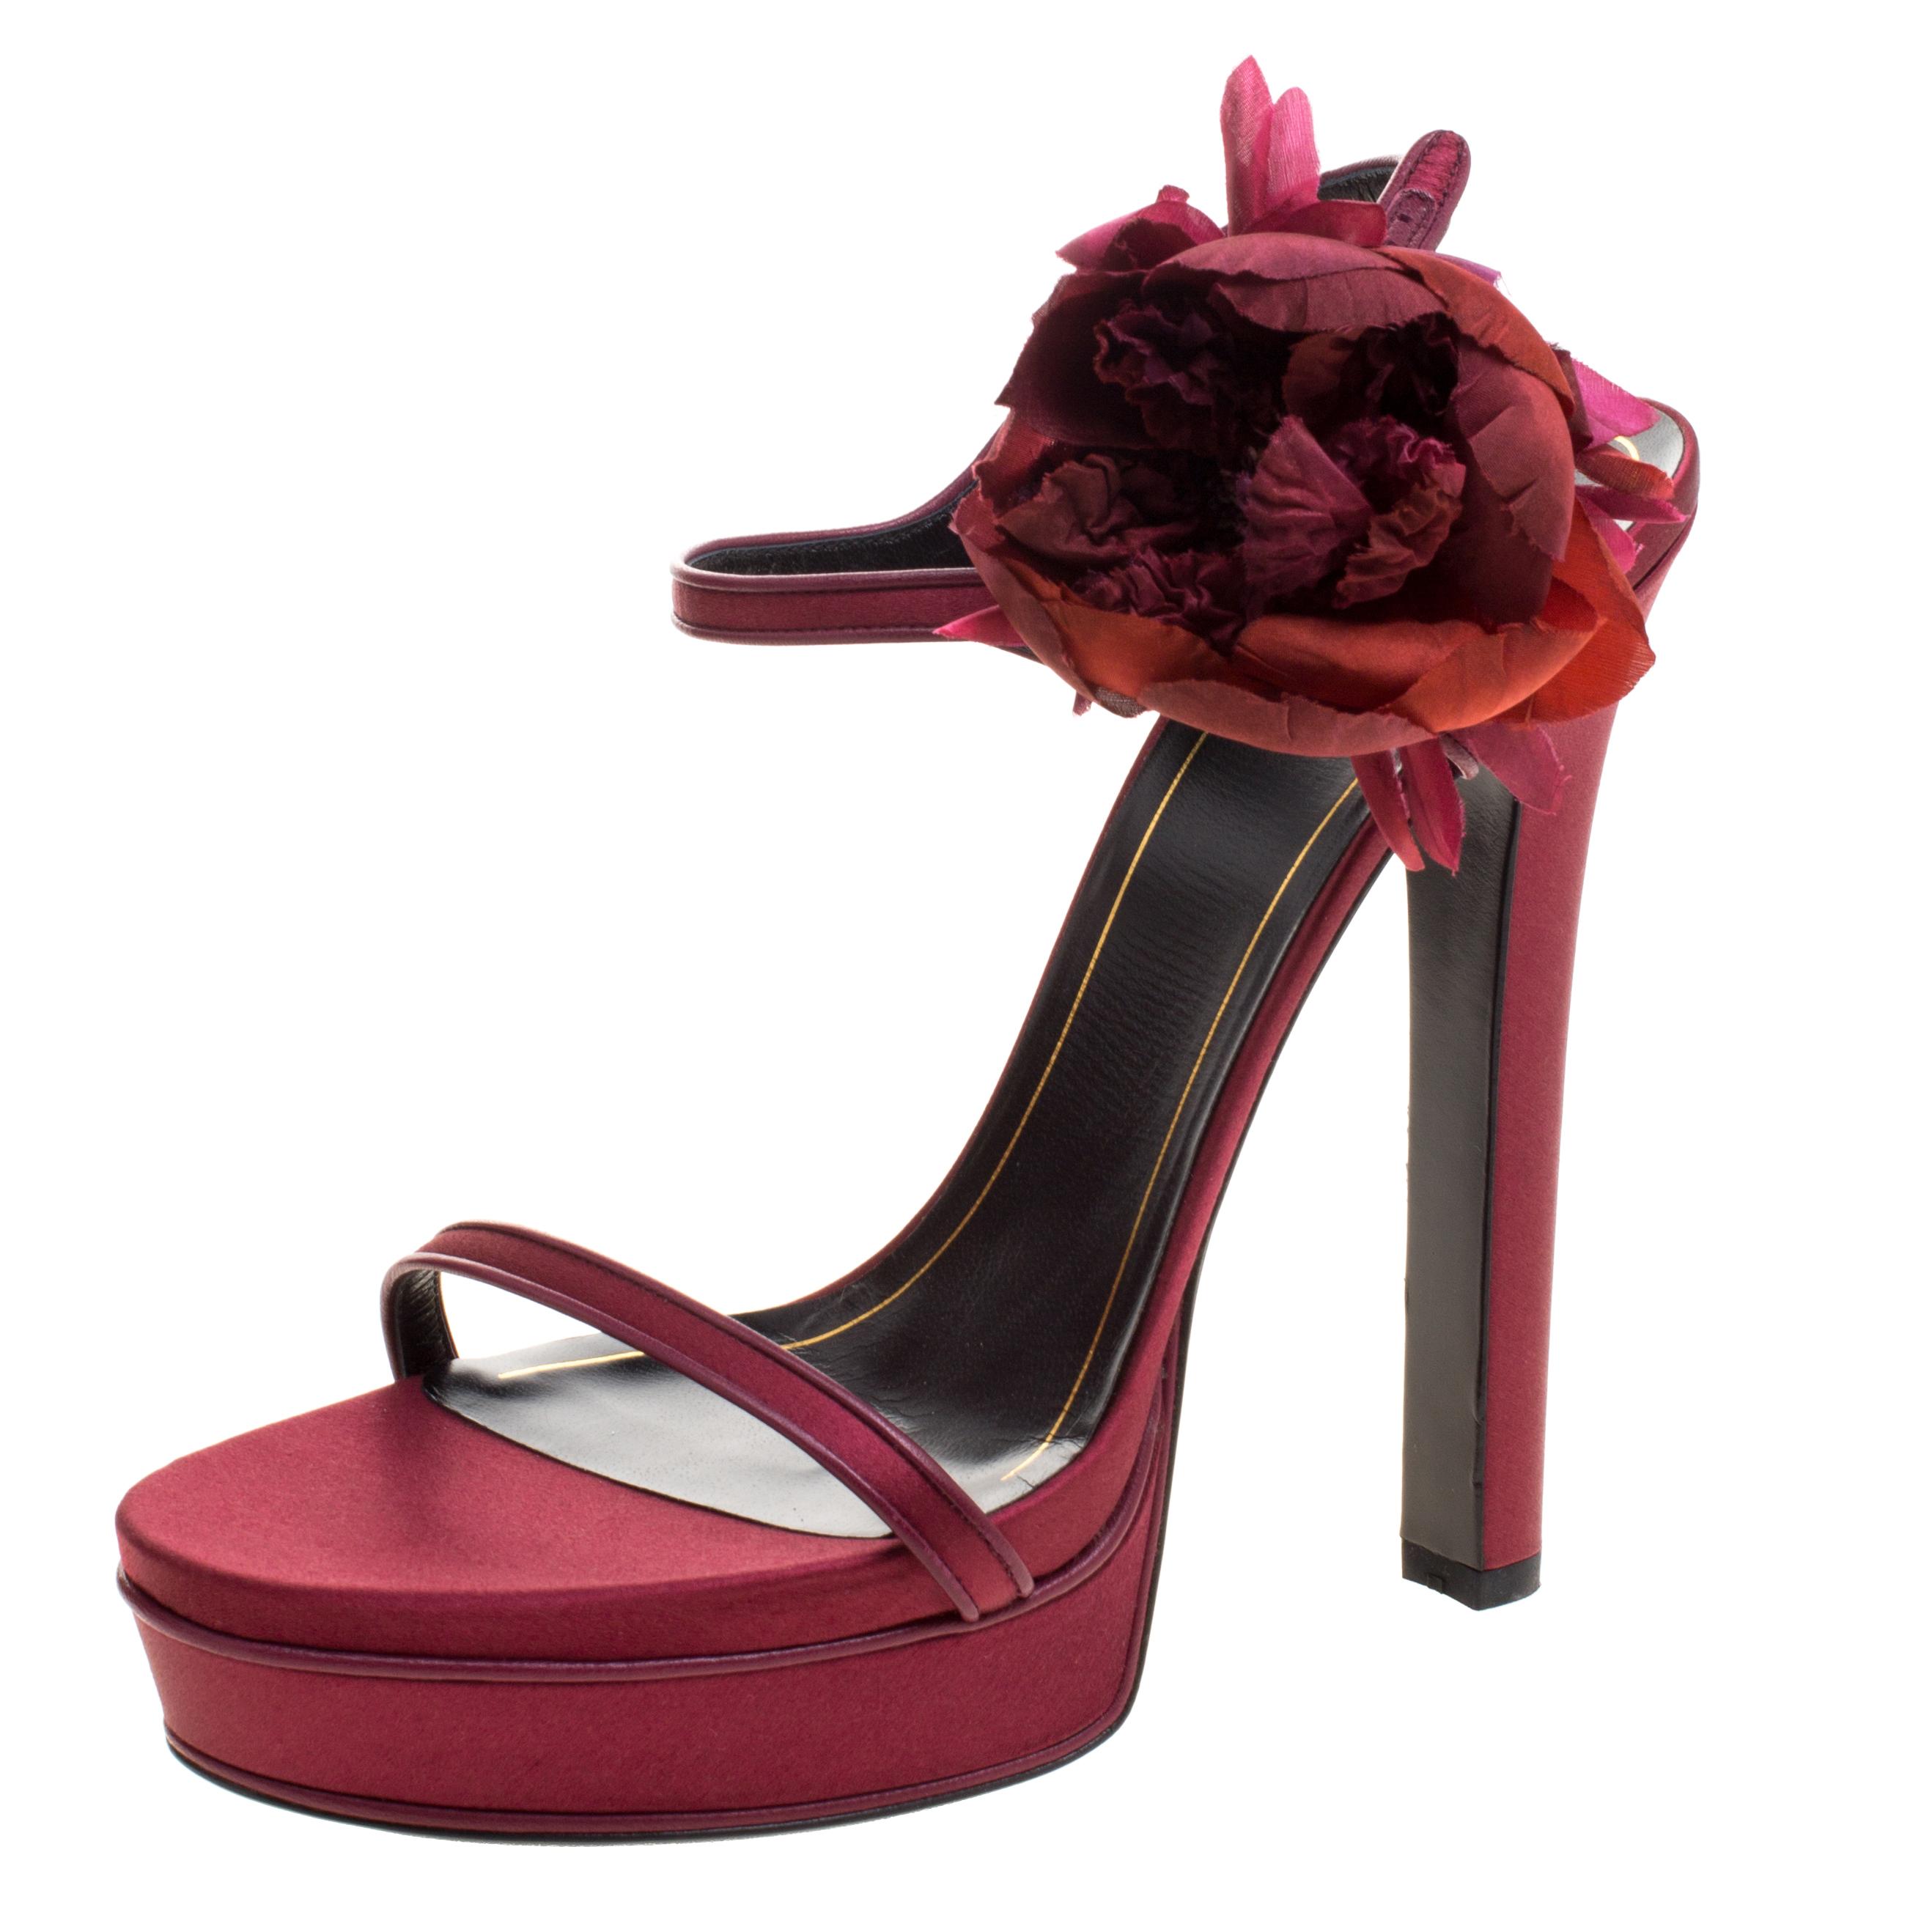 fba2b7b166e3 ... Gucci Burgundy Satin Flower Embellished Ankle Strap Platform Sandals  Size 40. nextprev. prevnext